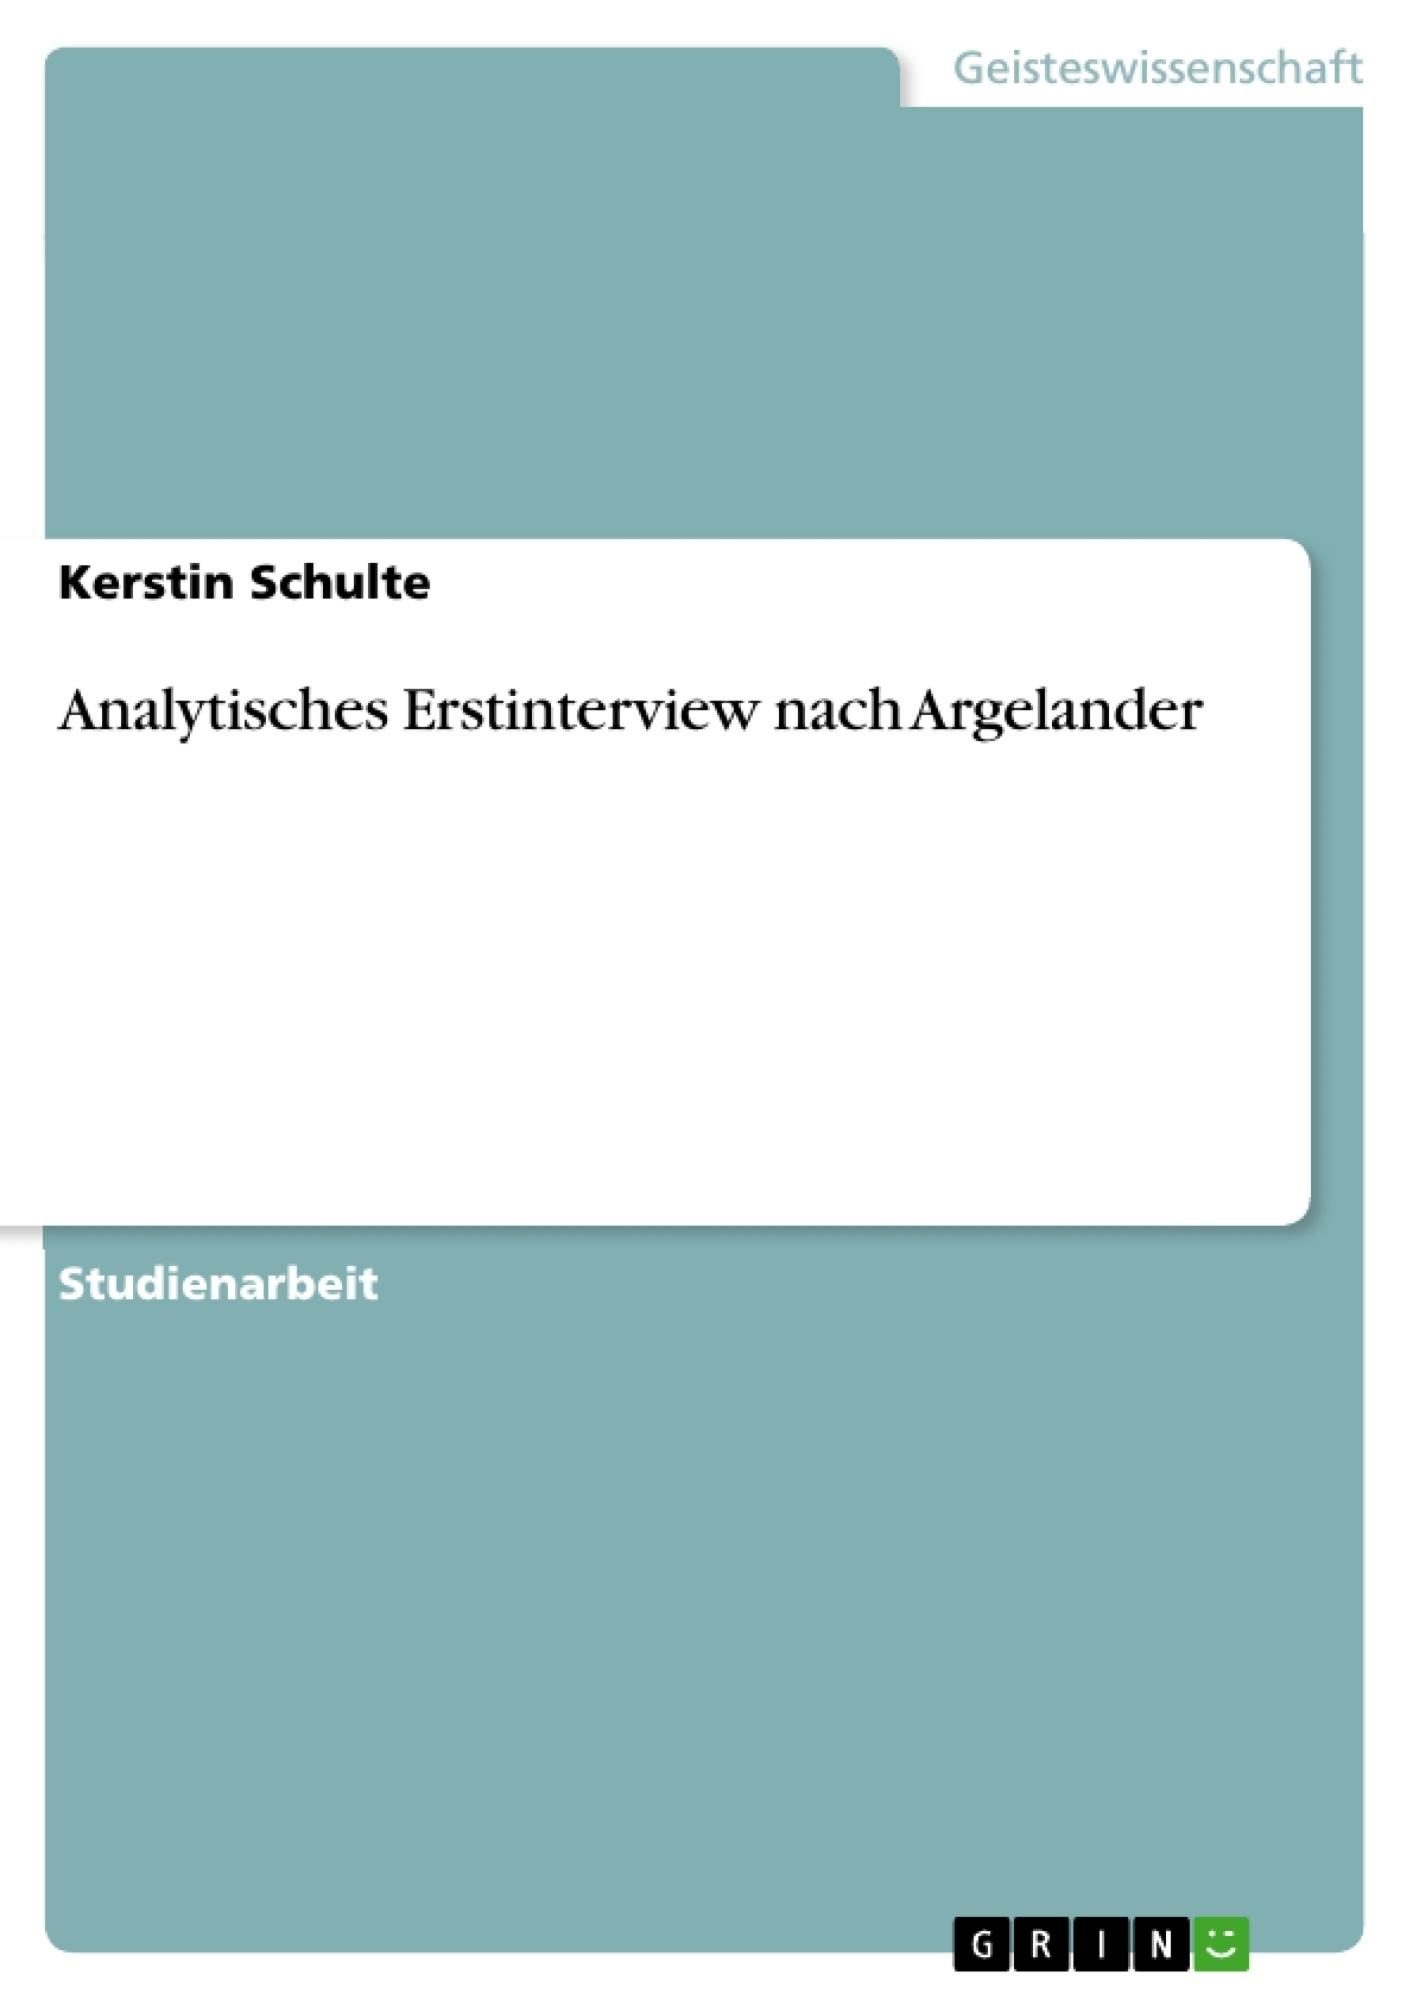 Titel: Analytisches Erstinterview nach Argelander